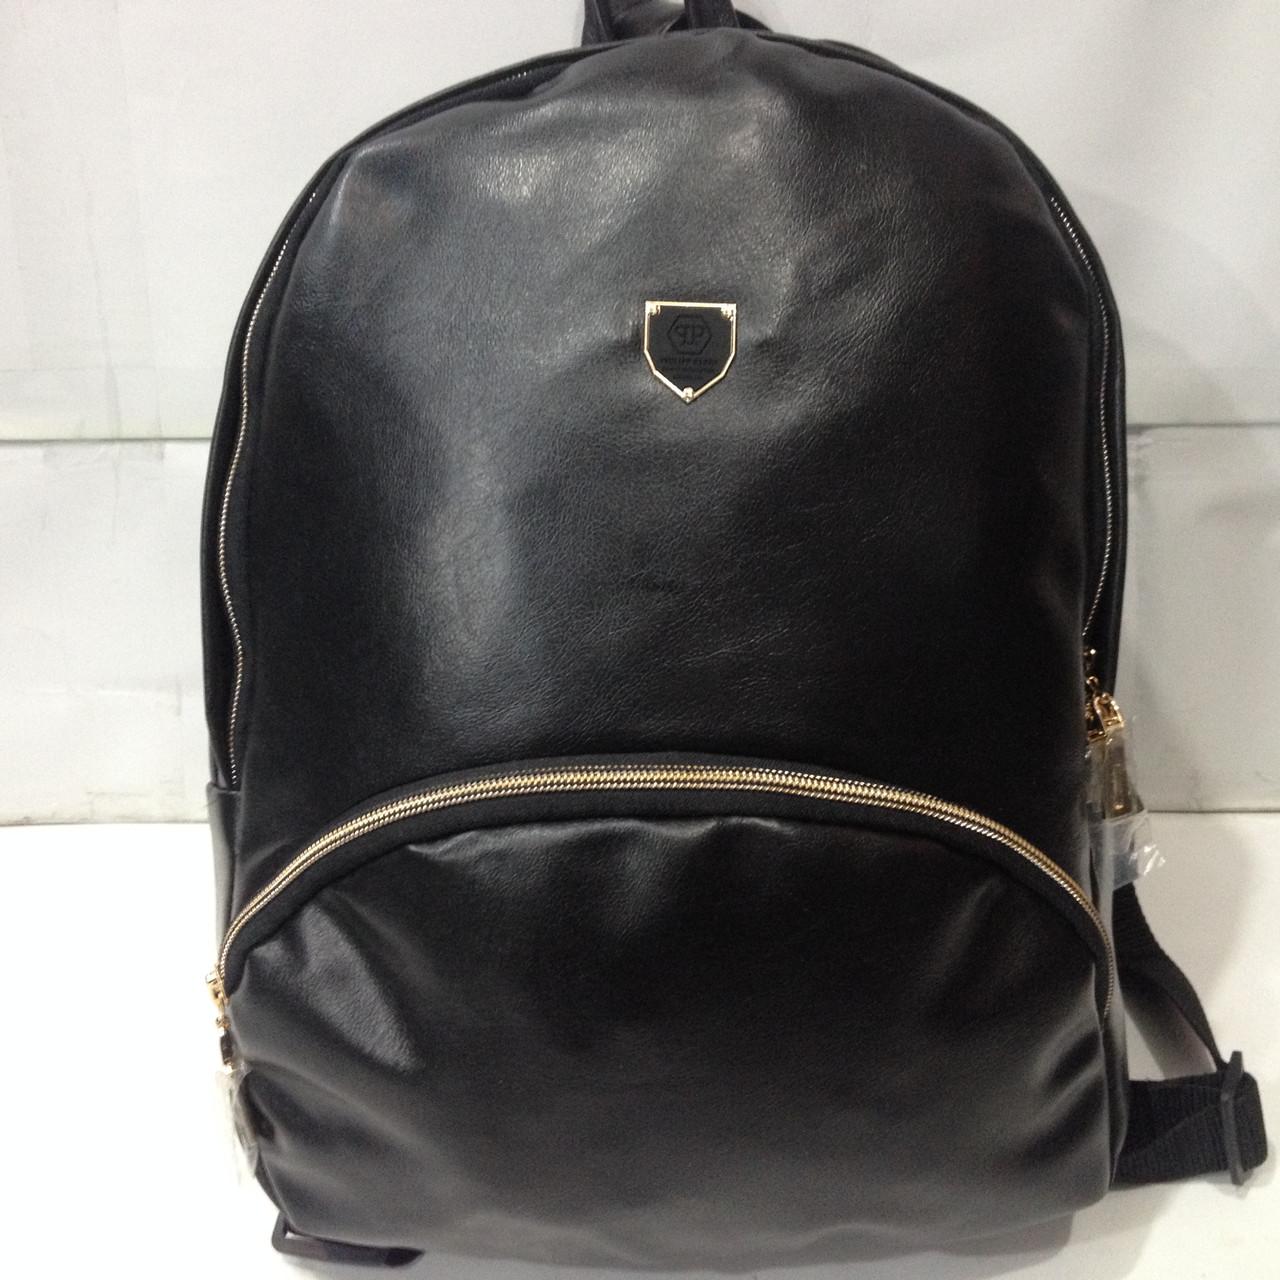 d5667d6ae99520 Стильный женский рюкзак Philipp Plein оптом : продажа, цена в ...